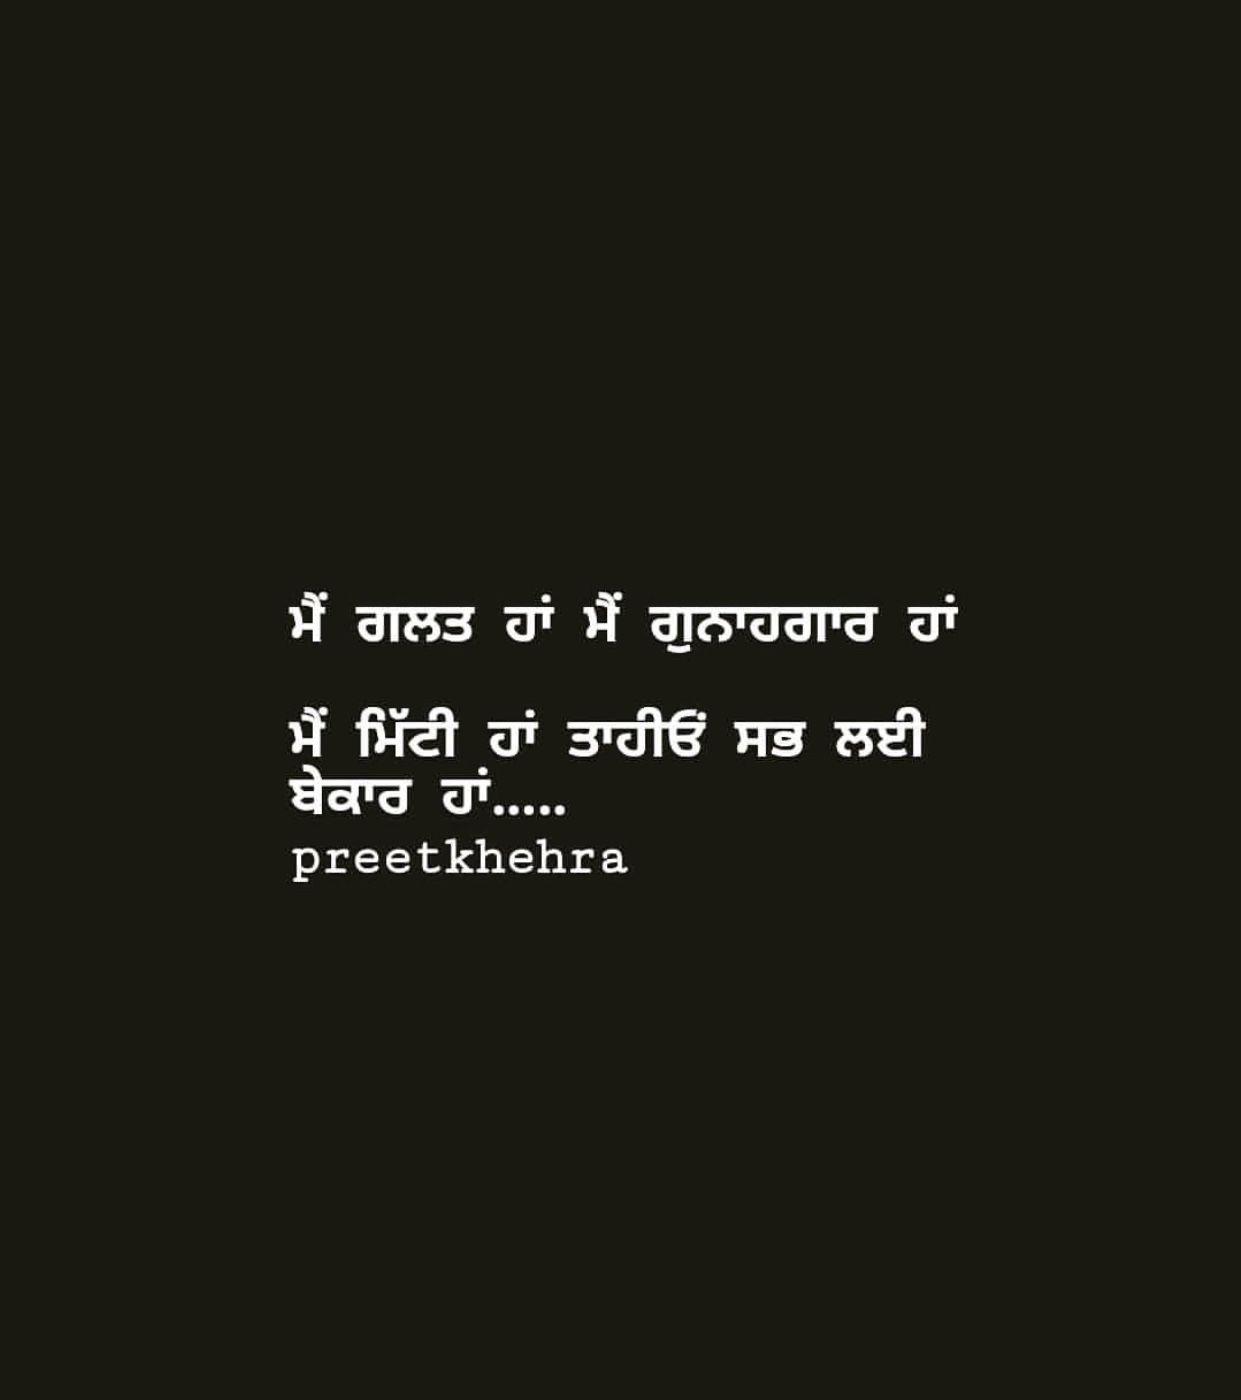 True Quotes in 2020   True quotes, Punjabi love quotes, Quotes